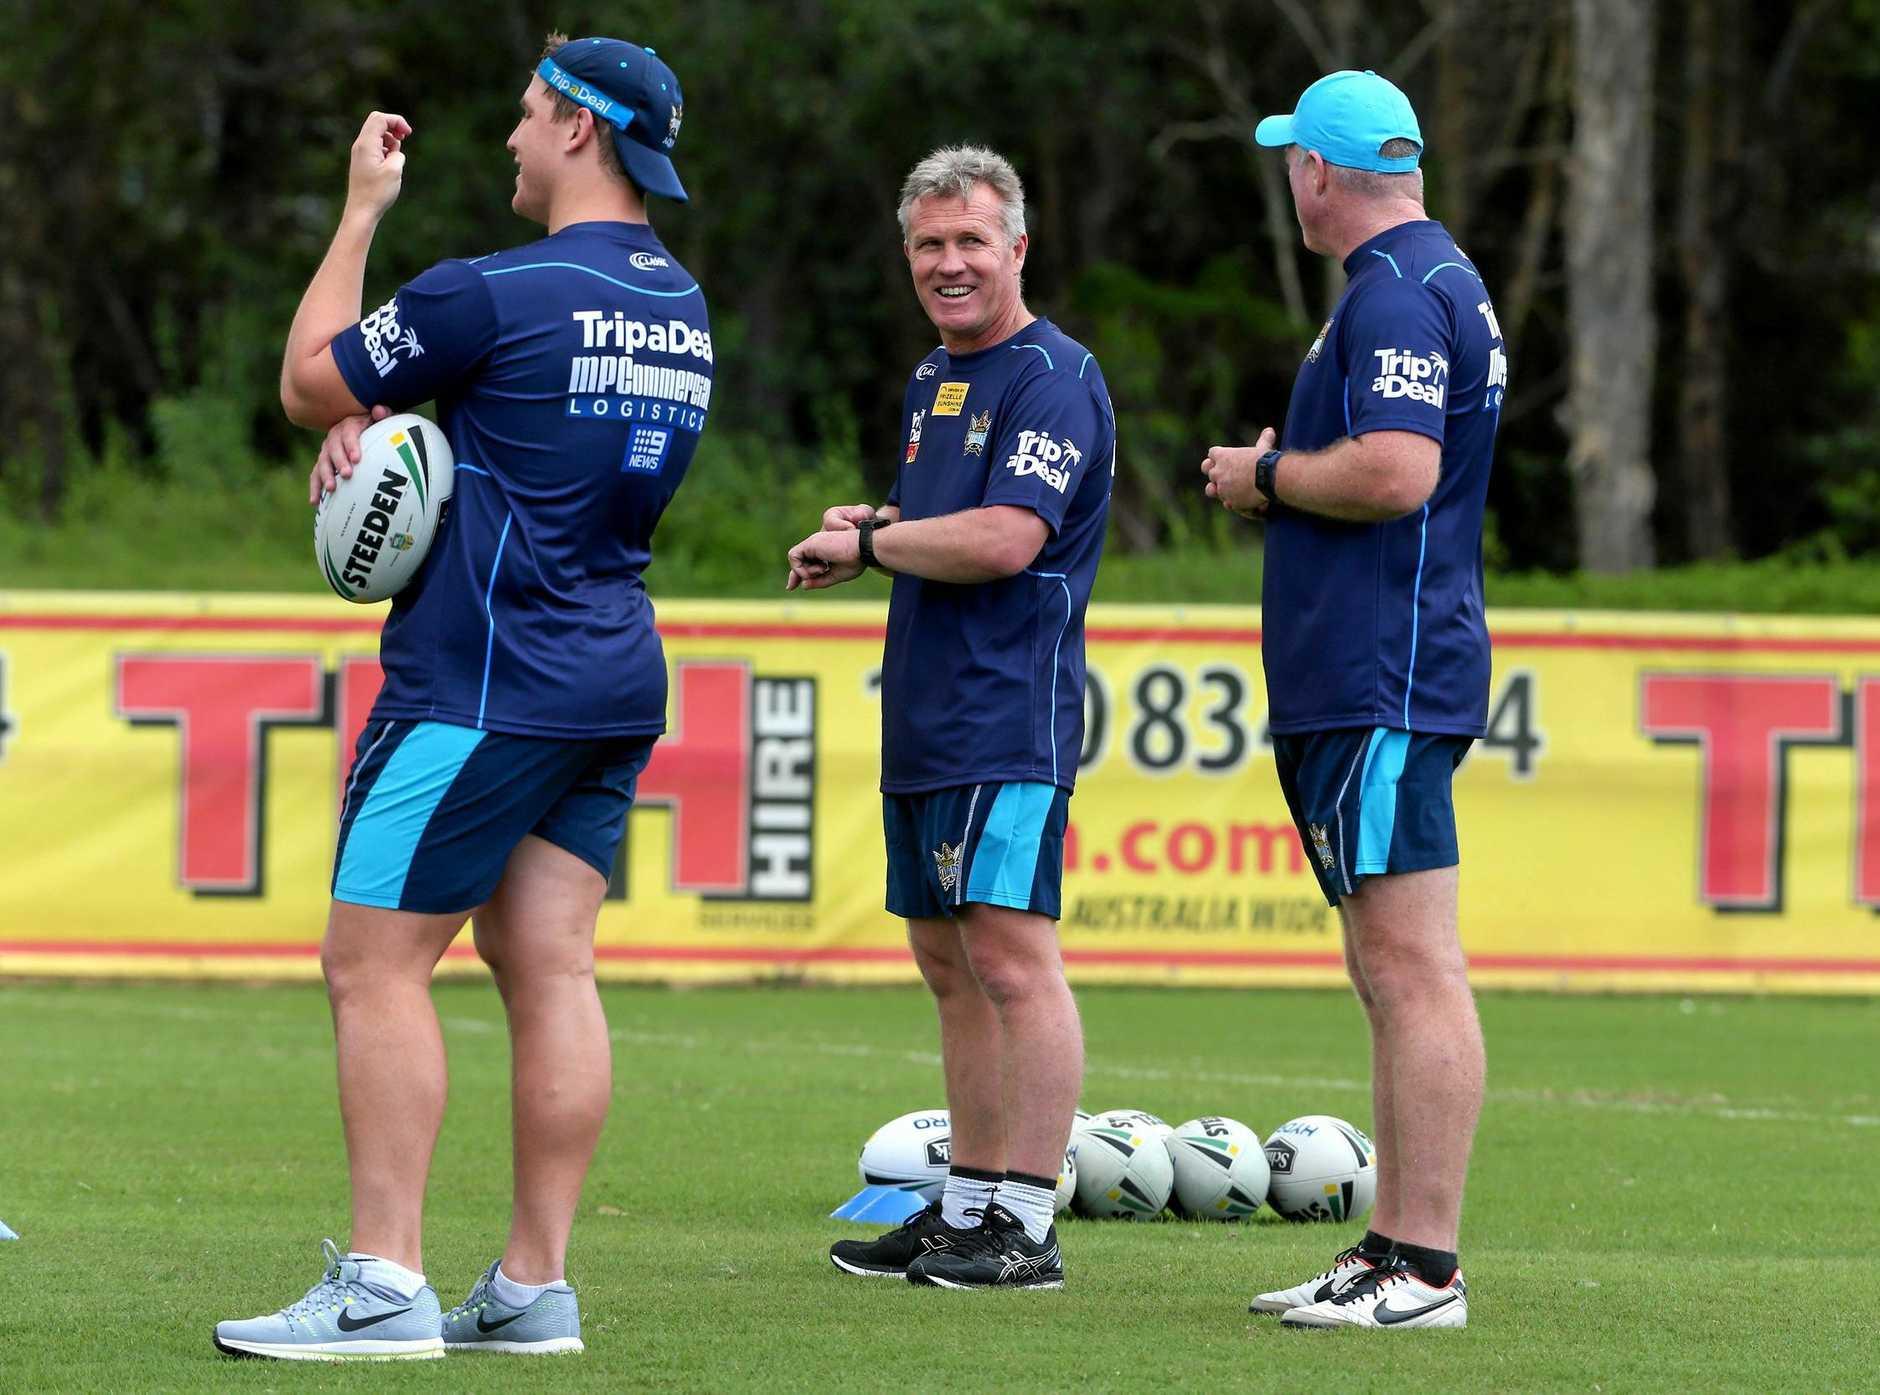 Gold Coast Titans coach Garth Brennan has a laugh at training.